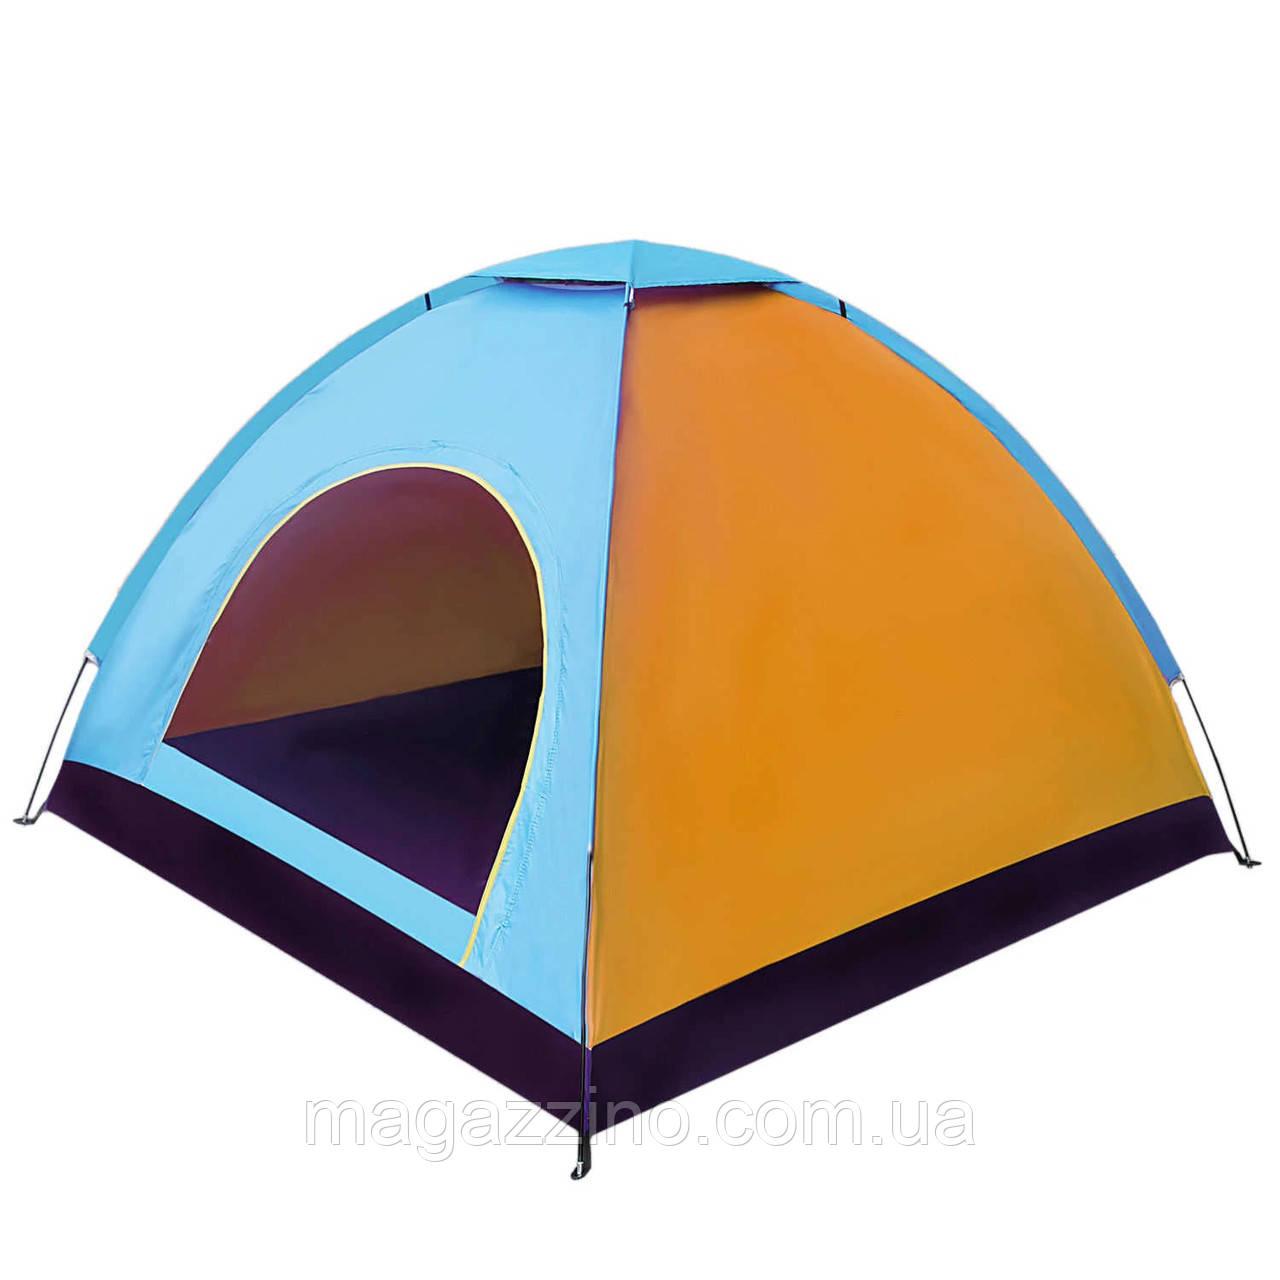 Палатка восьмиместная, HY-TG-008, 300 x 220 x 170 см.